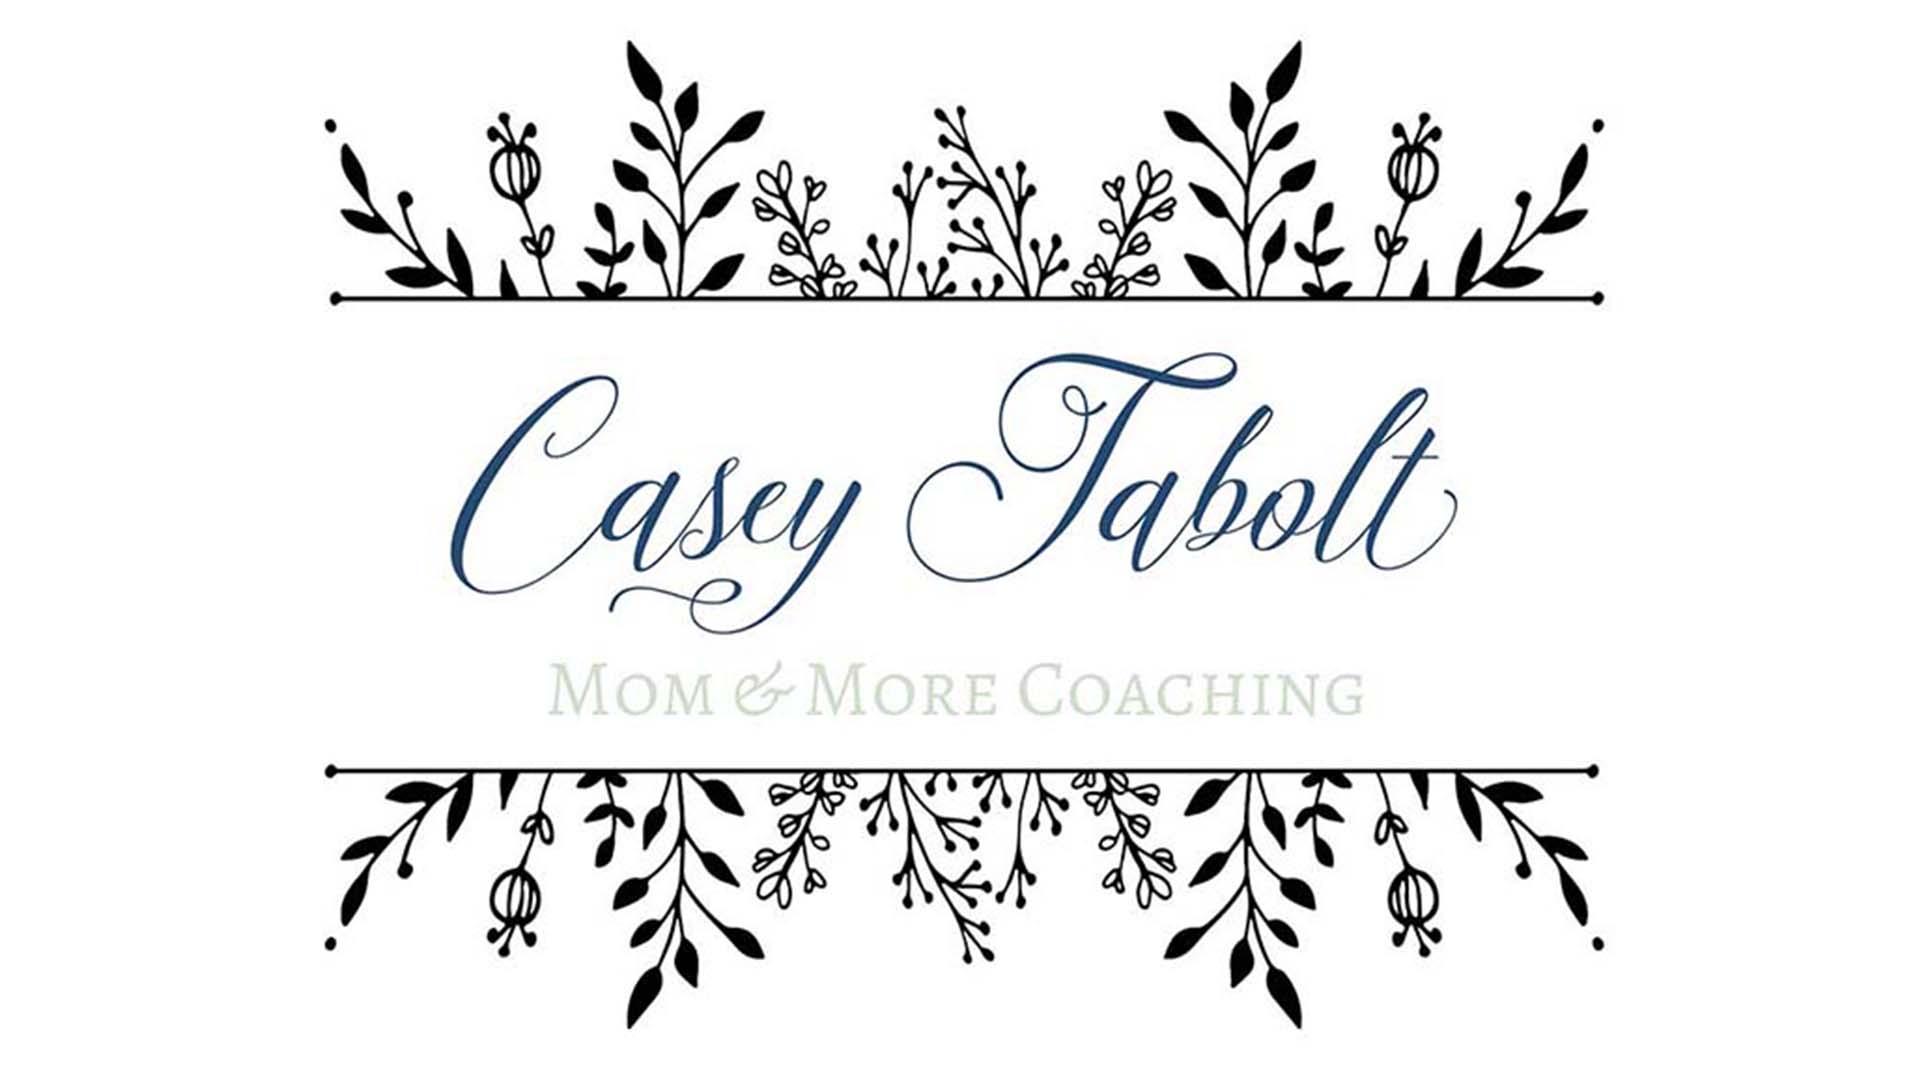 Casey Tabolt